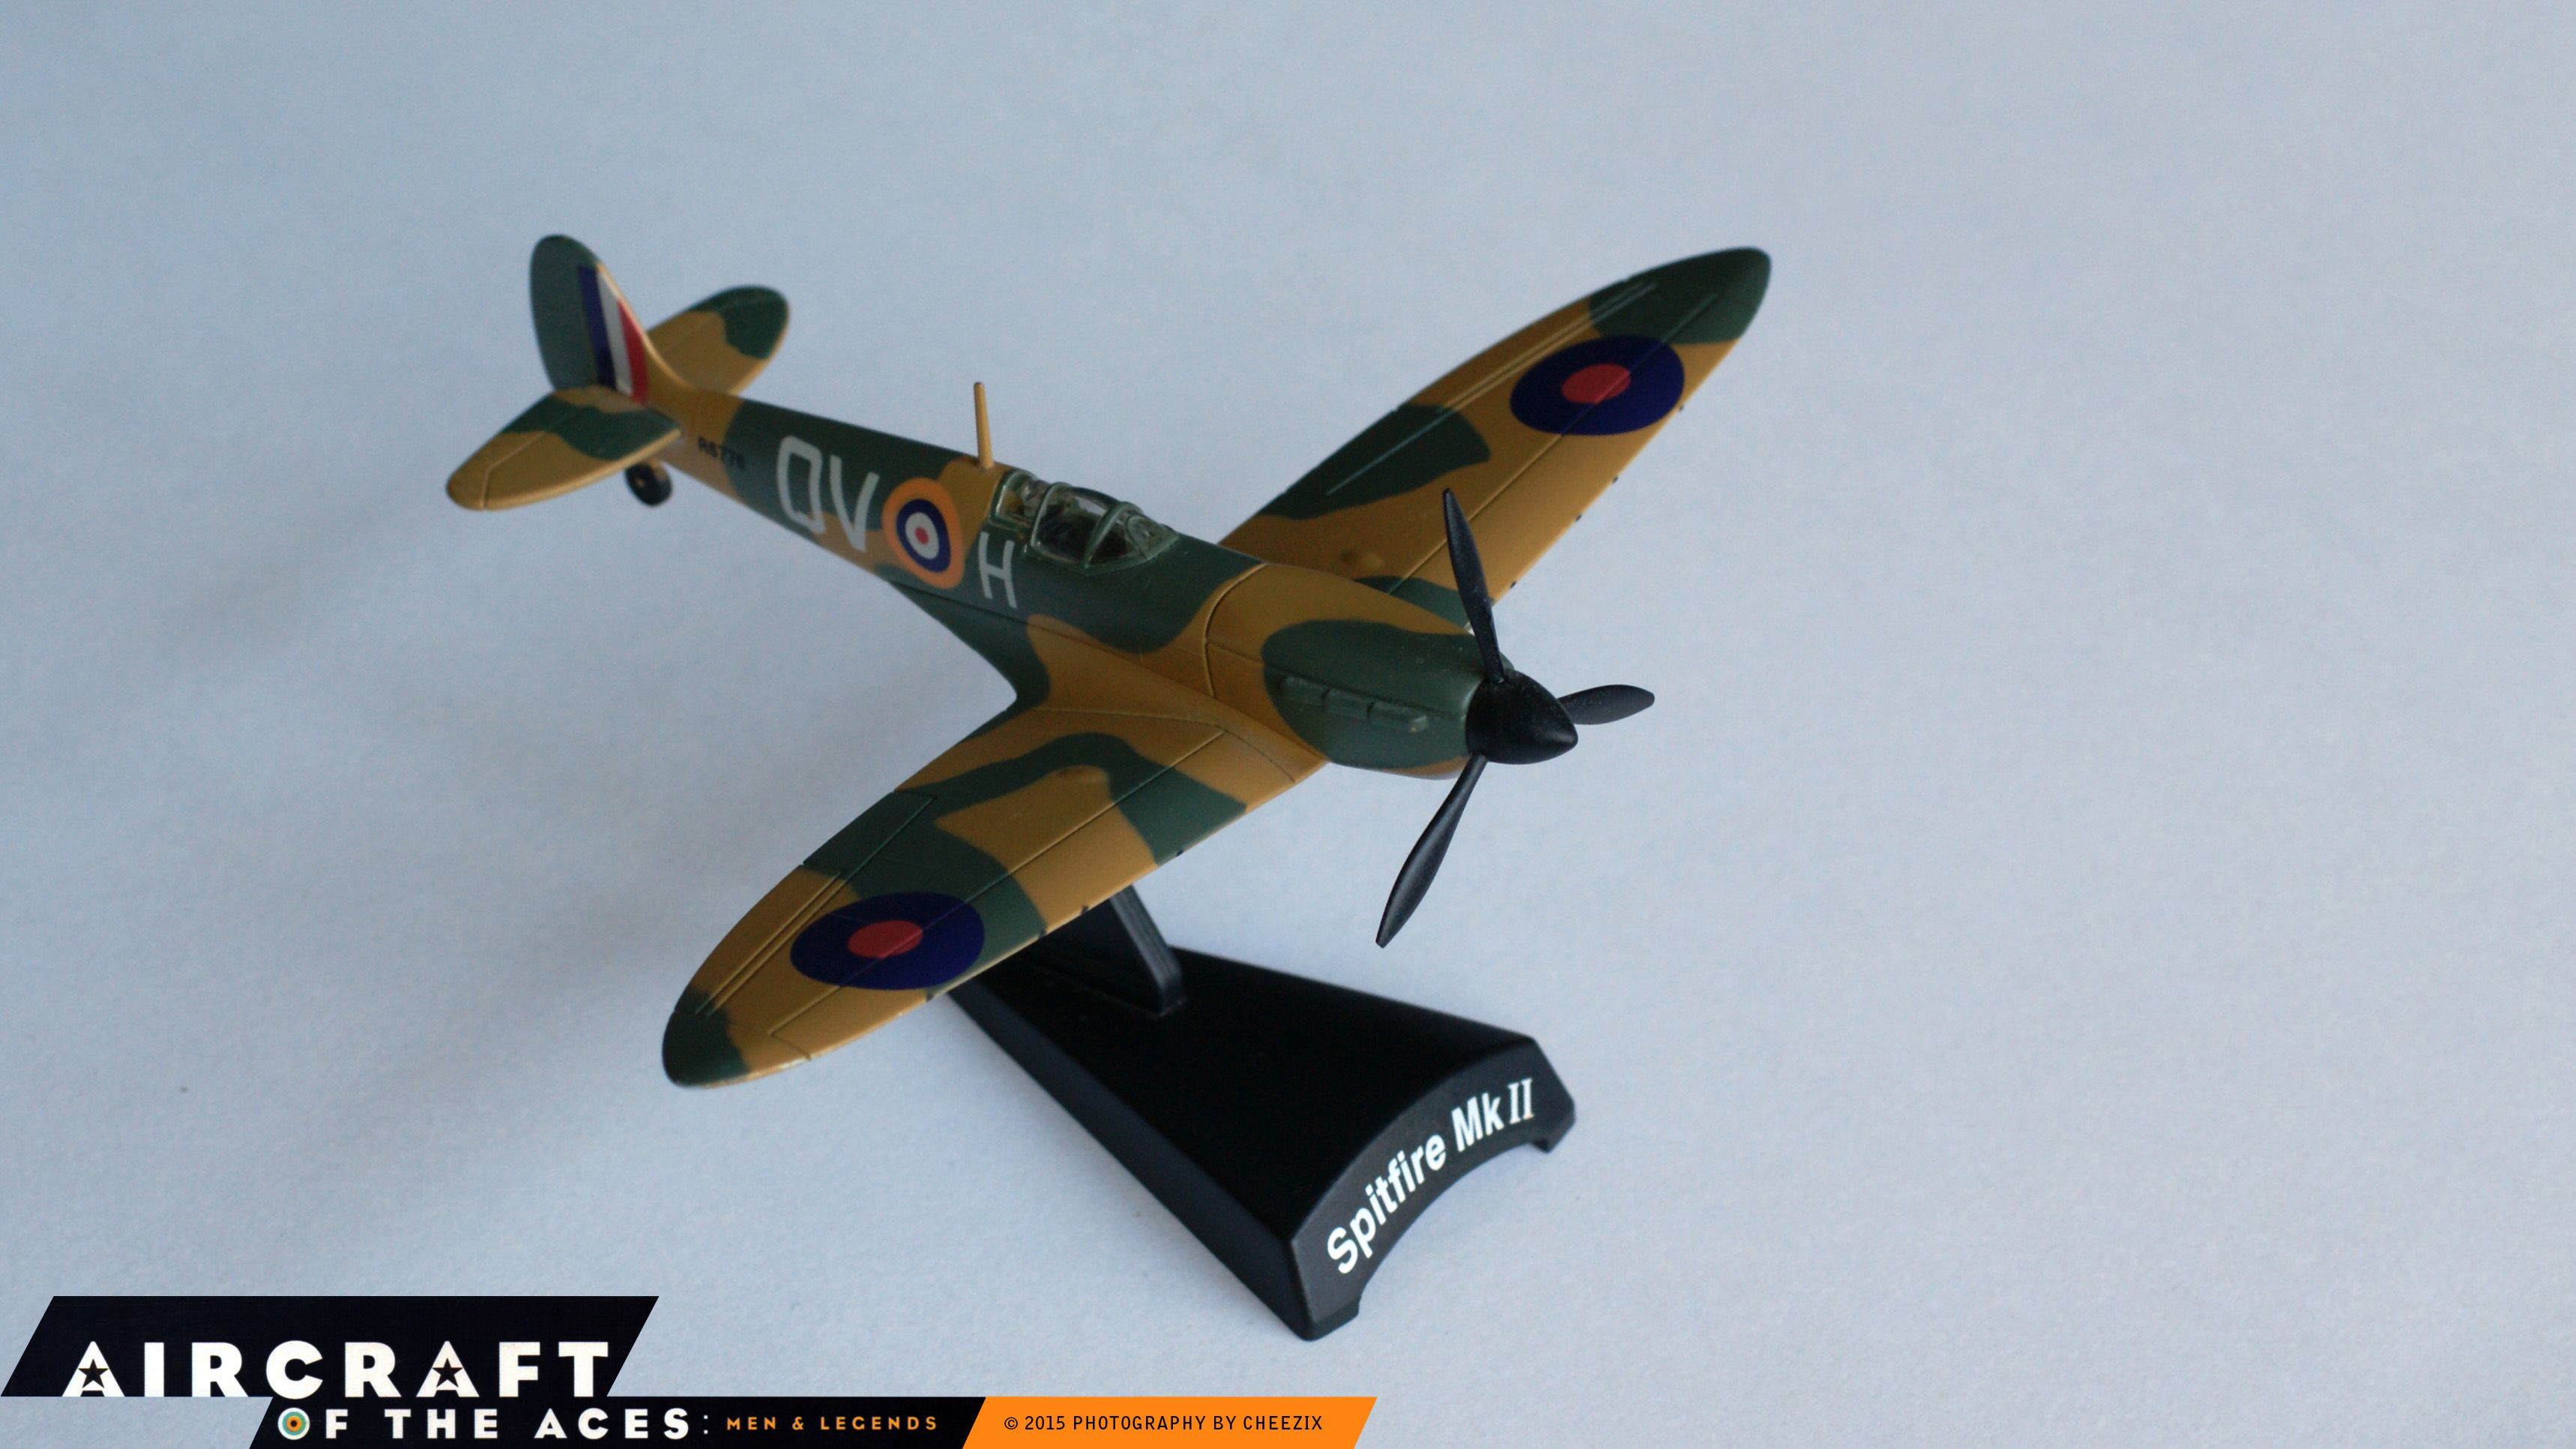 1939 - Spitfire Mk II